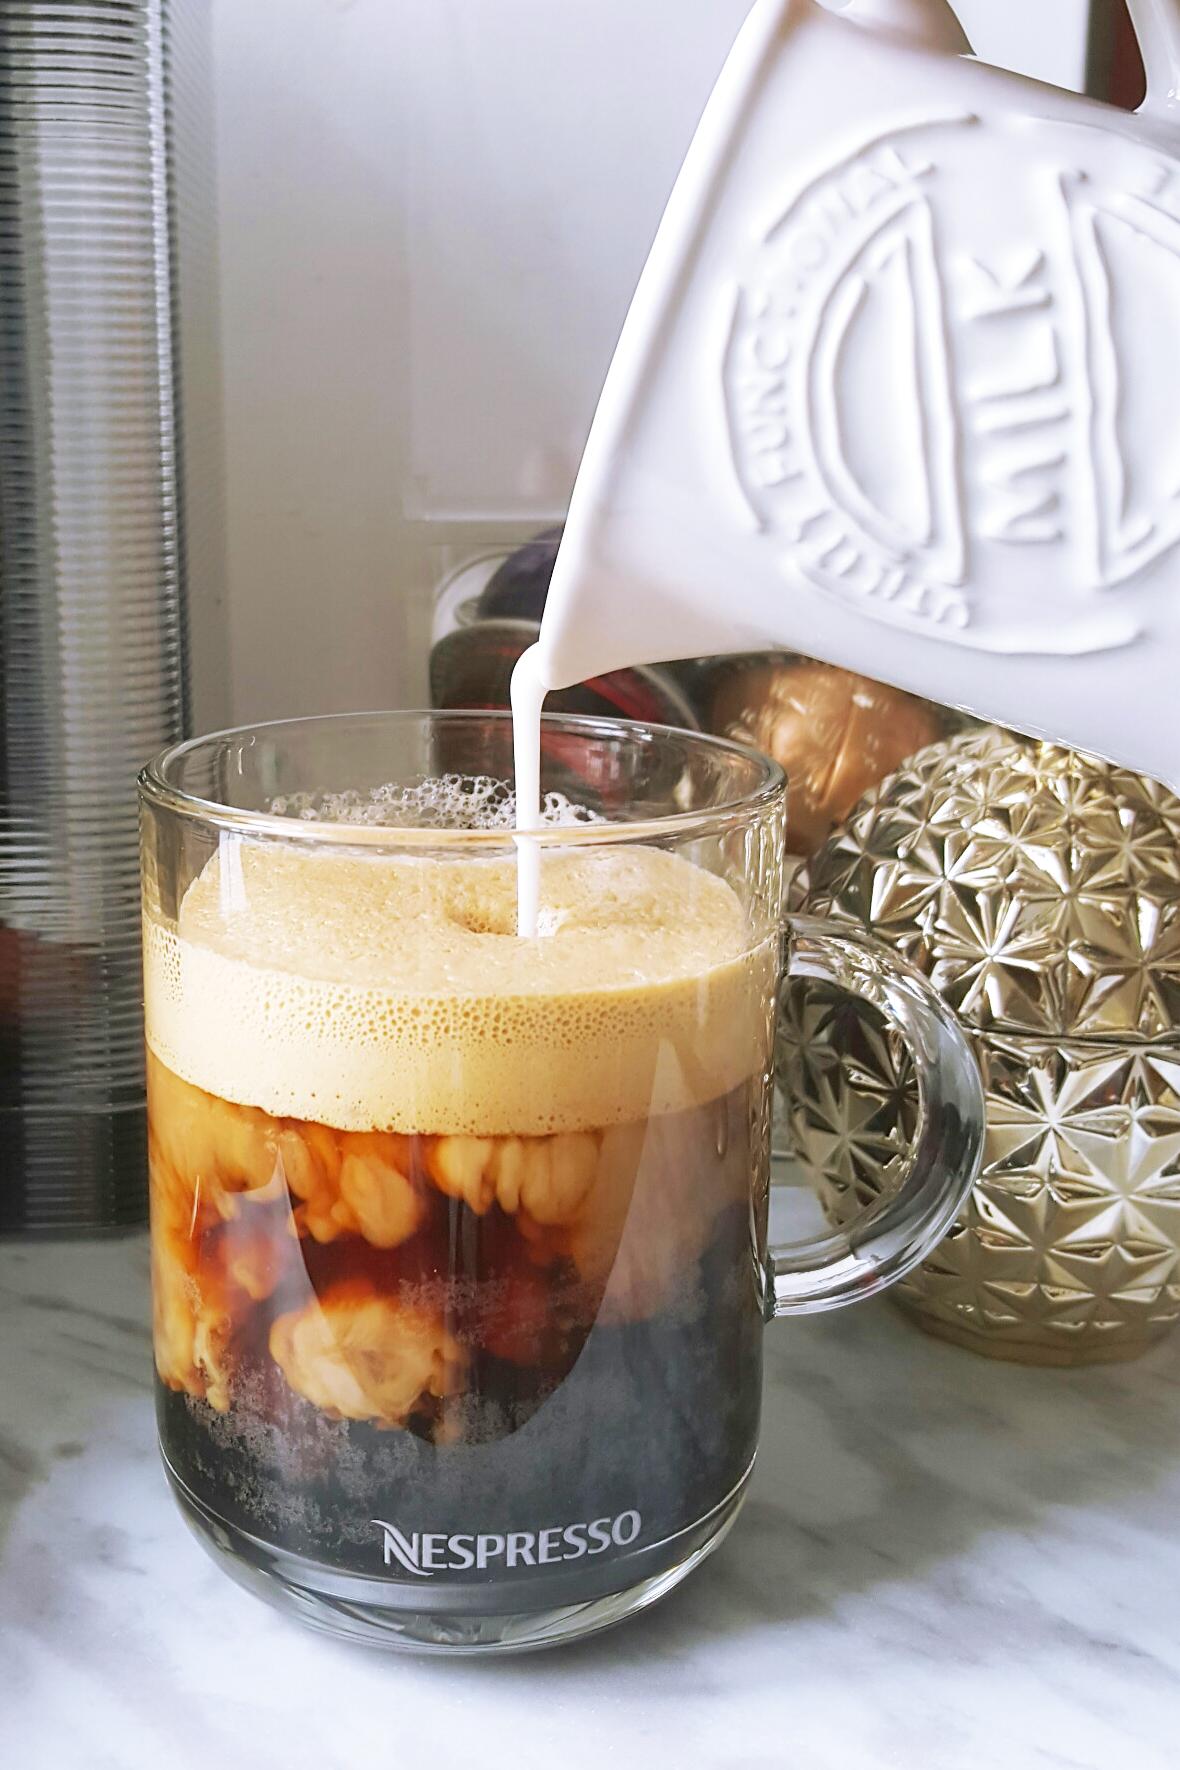 Nespresso VertuoLine 5